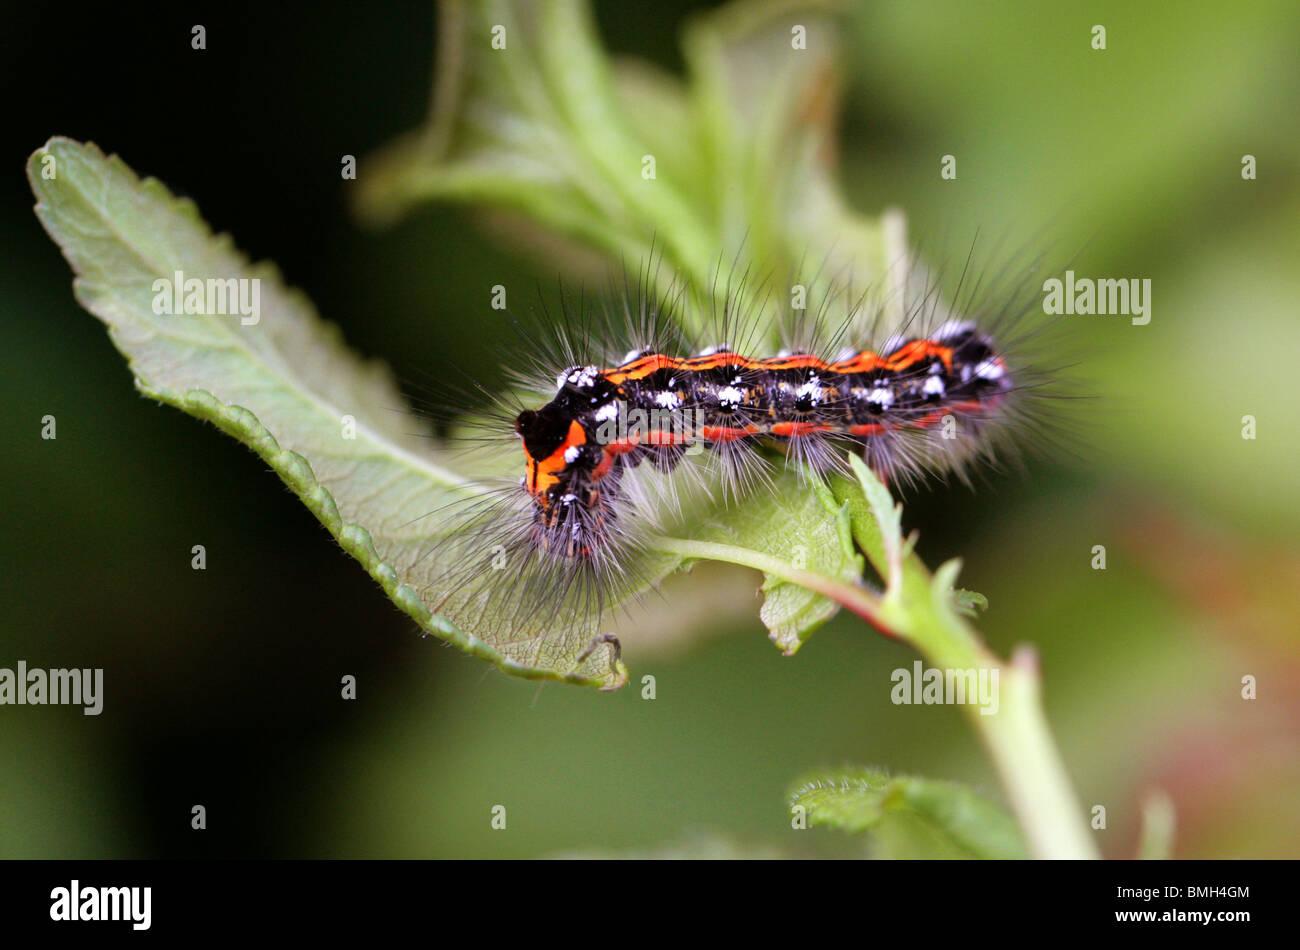 Dark pugnale, Acronicta tridens, Caterpillar (imago), Acronictinae, Noctuidae, Lepidotteri. Immagini Stock